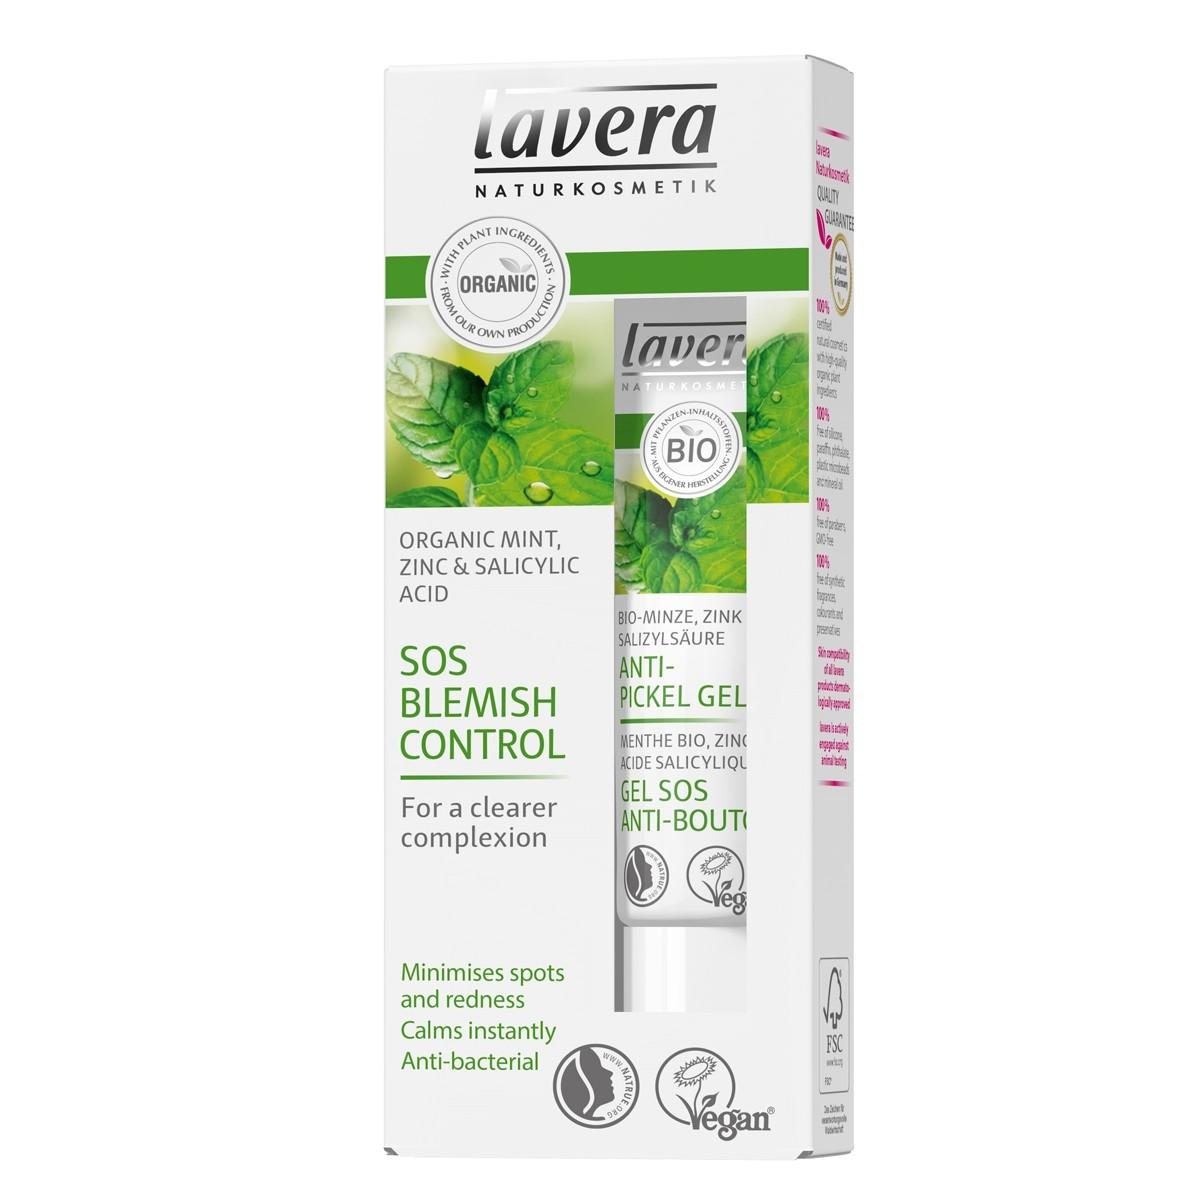 Lavera SOS Blemish Control Serum